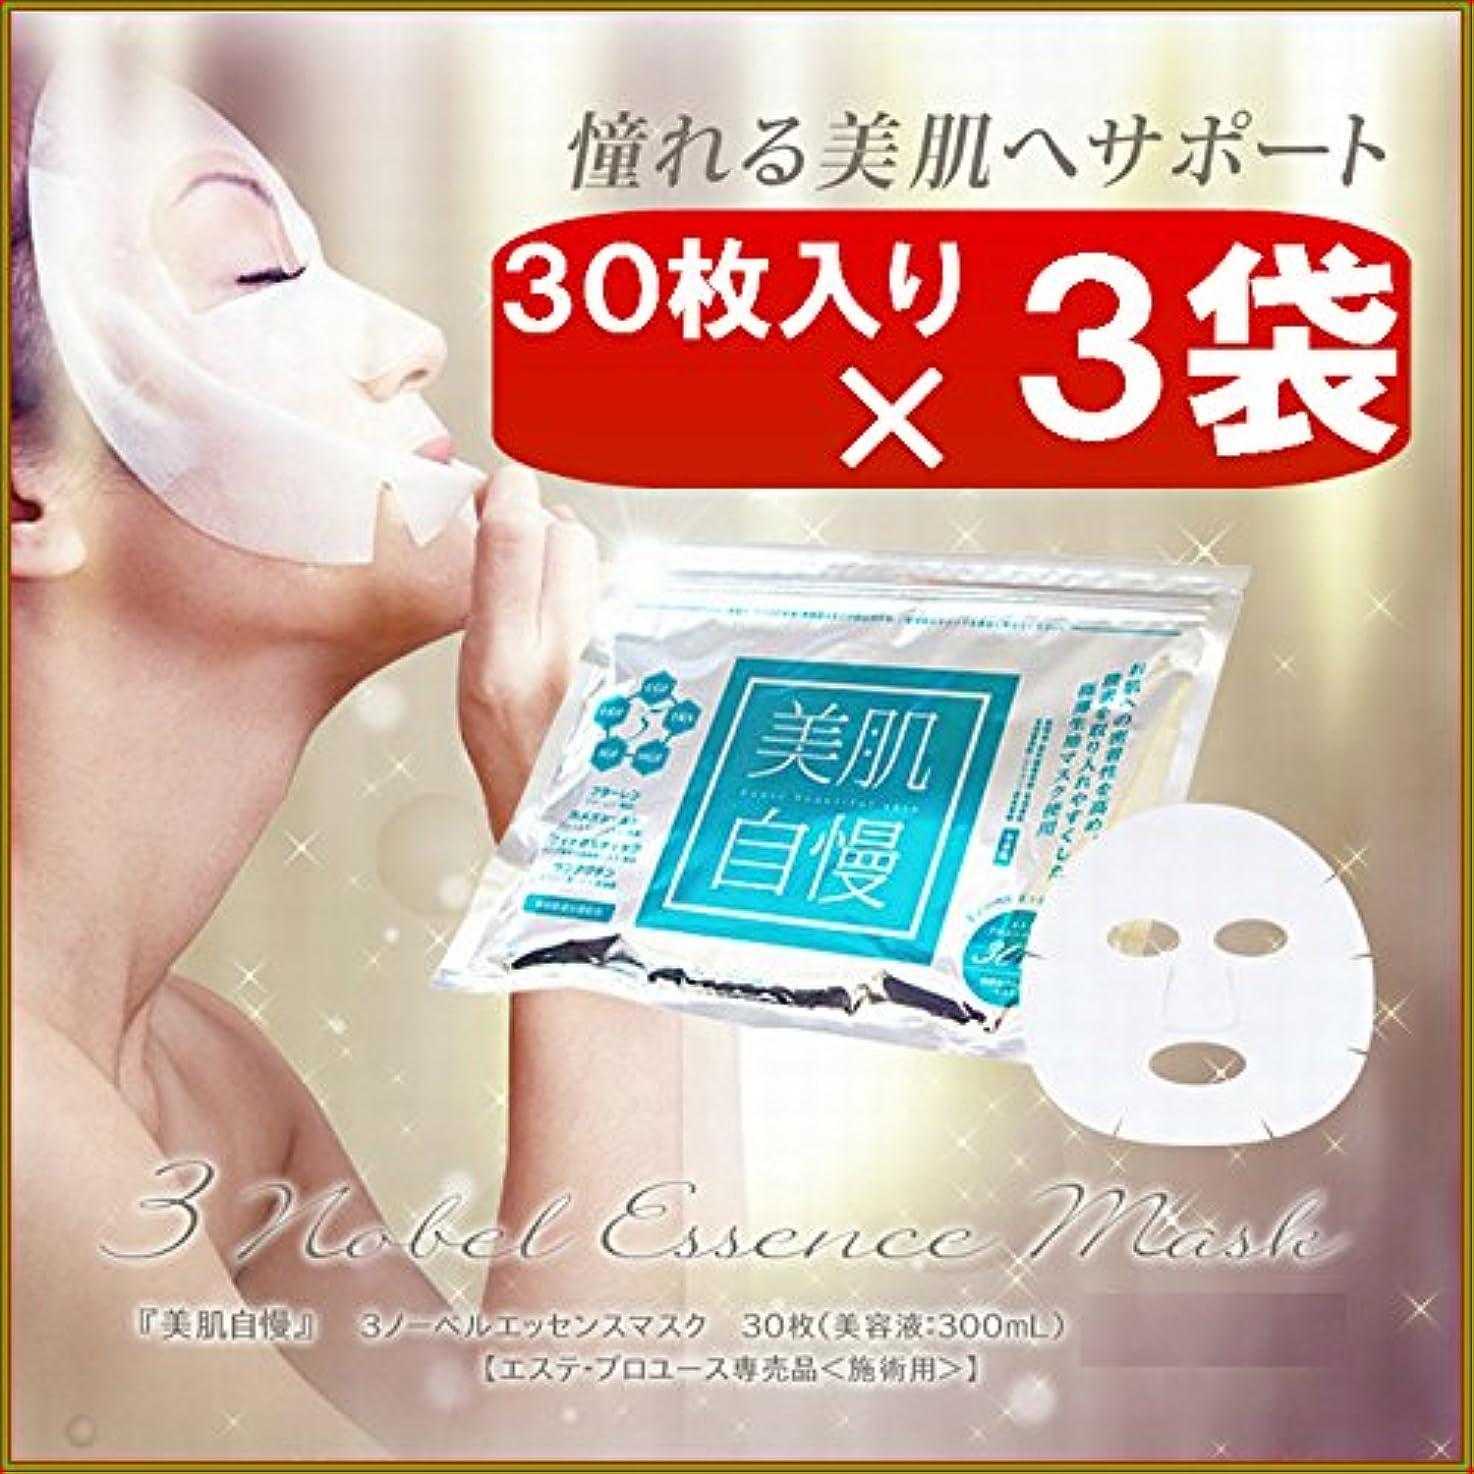 ピル引き金ステーキ美肌自慢フェイスマスク 30枚入り ×お得3袋セット 《エッセンスマスク、EGF、IGF、ヒアルロン酸、プラセンタ、アルブチン、カタツムリエキス、しみ、しわ》